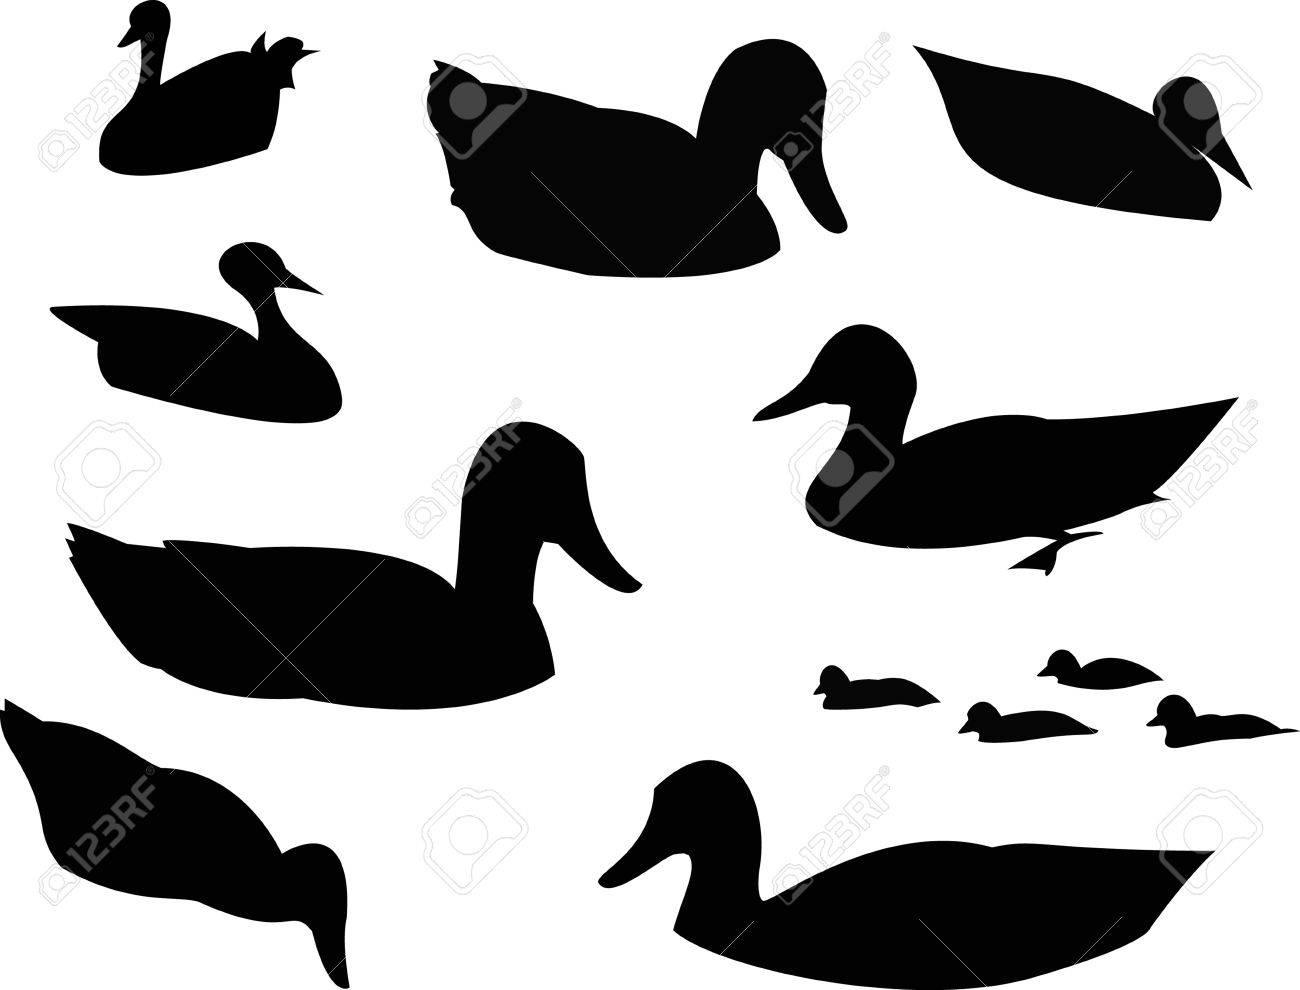 アヒルのシルエット動物クリップアートのイラスト素材ベクタ Image